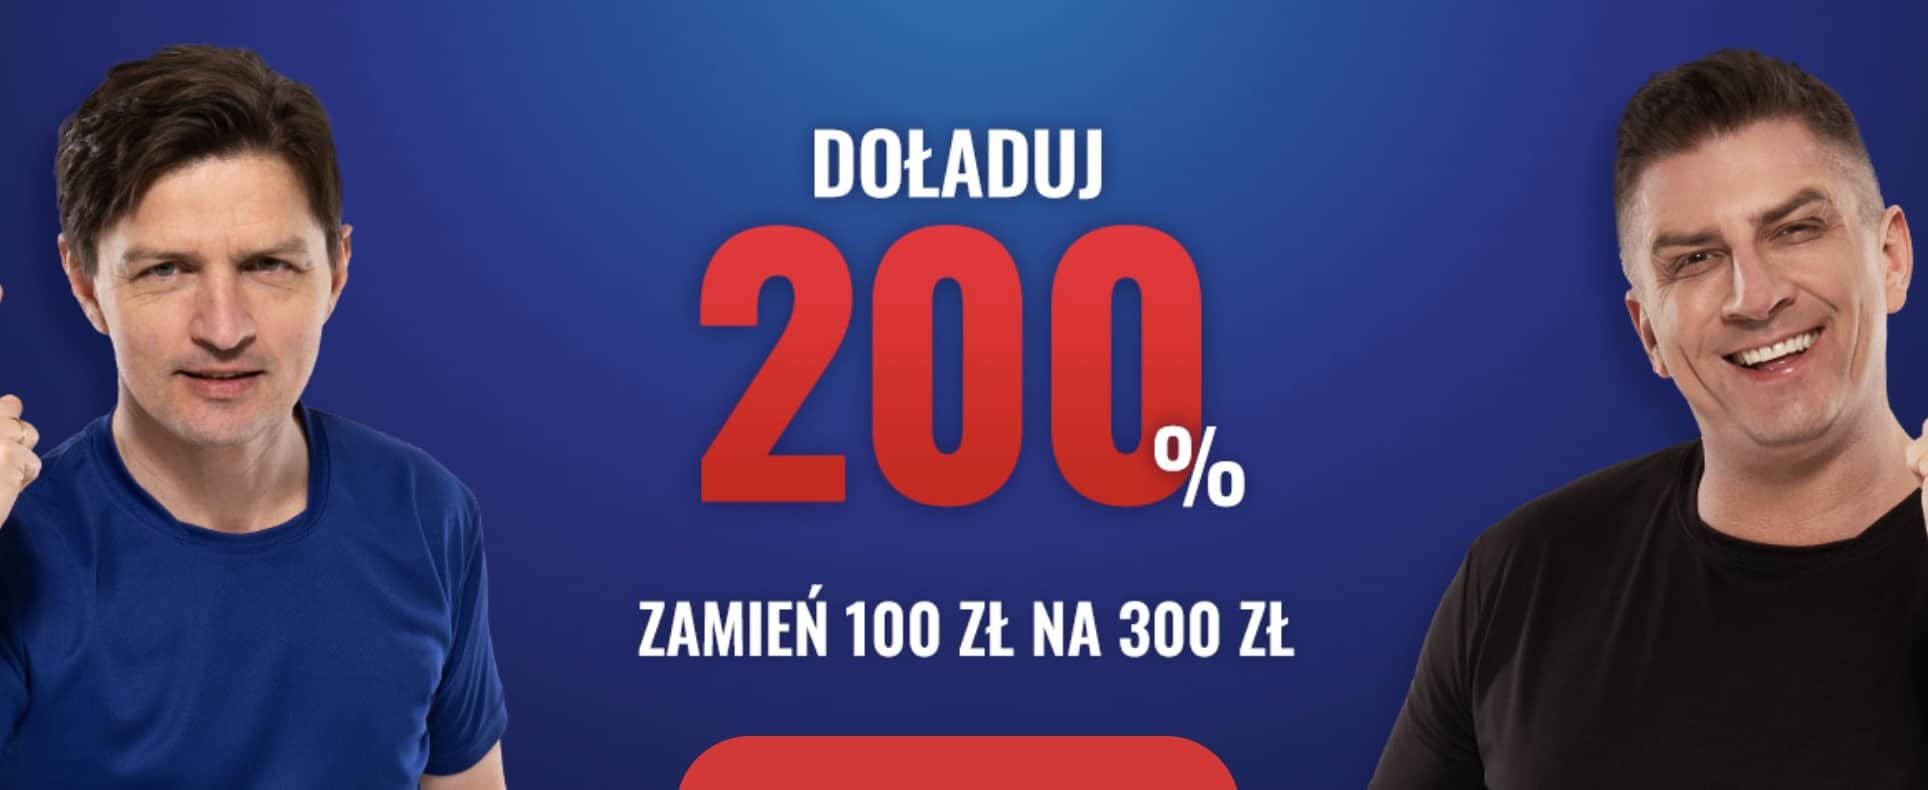 Etoto opinie graczy 2020. Czy warto zakładać konto?